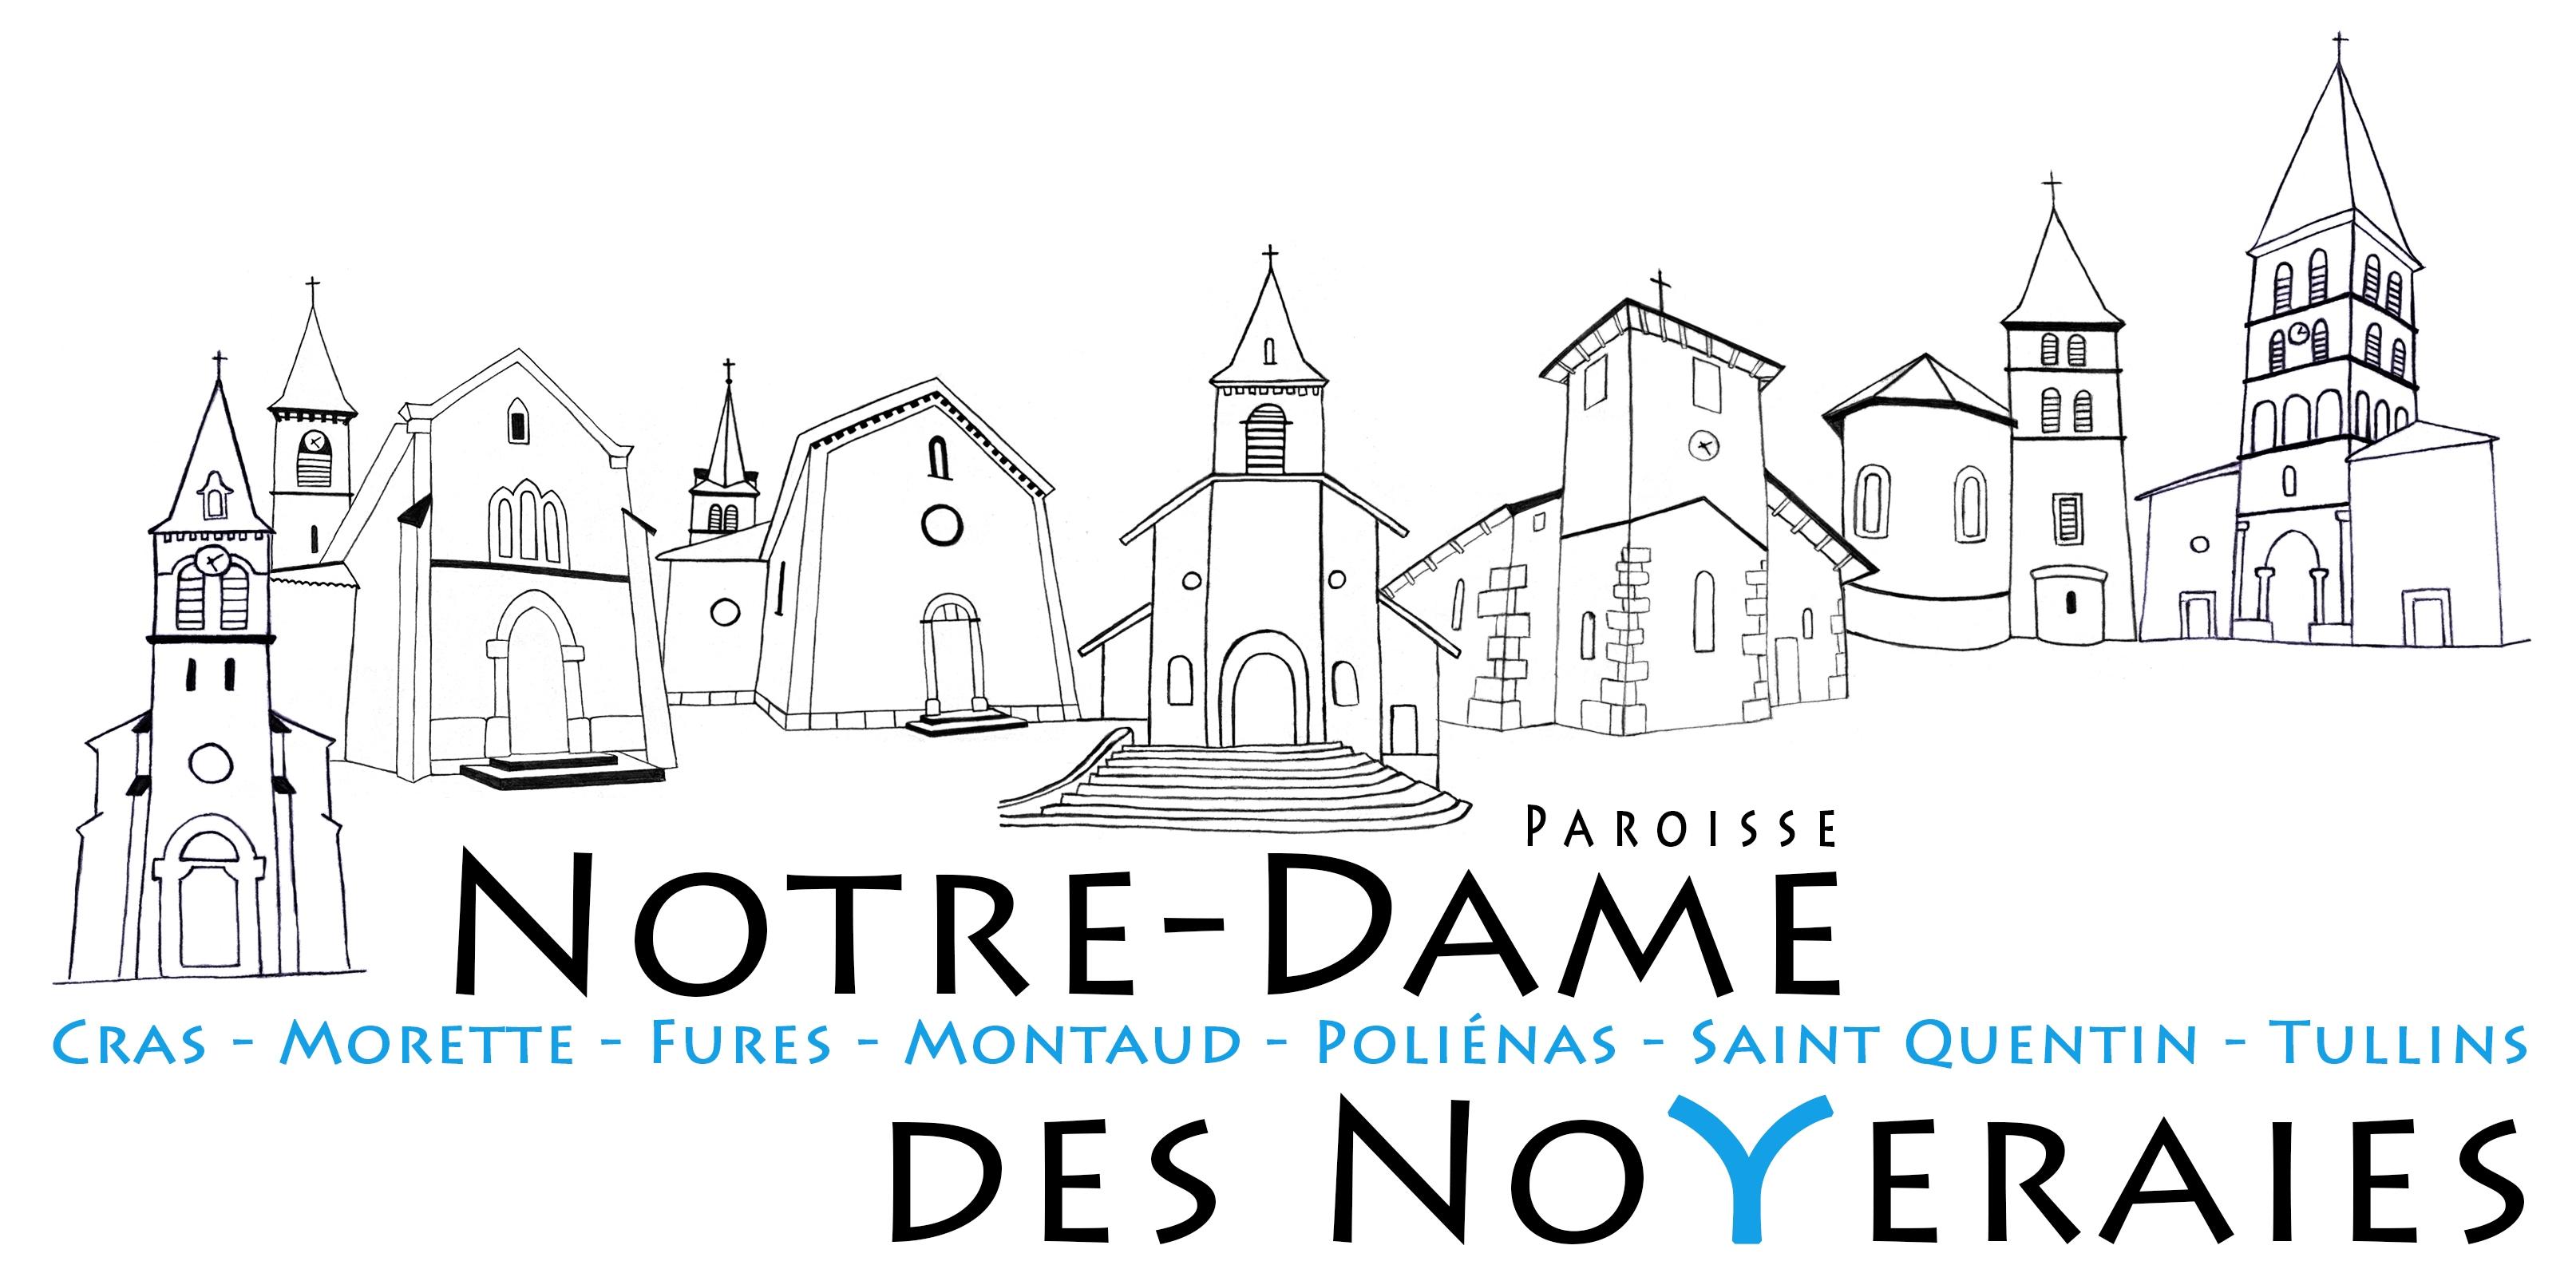 Paroisse Notre Dame des Noyeraies